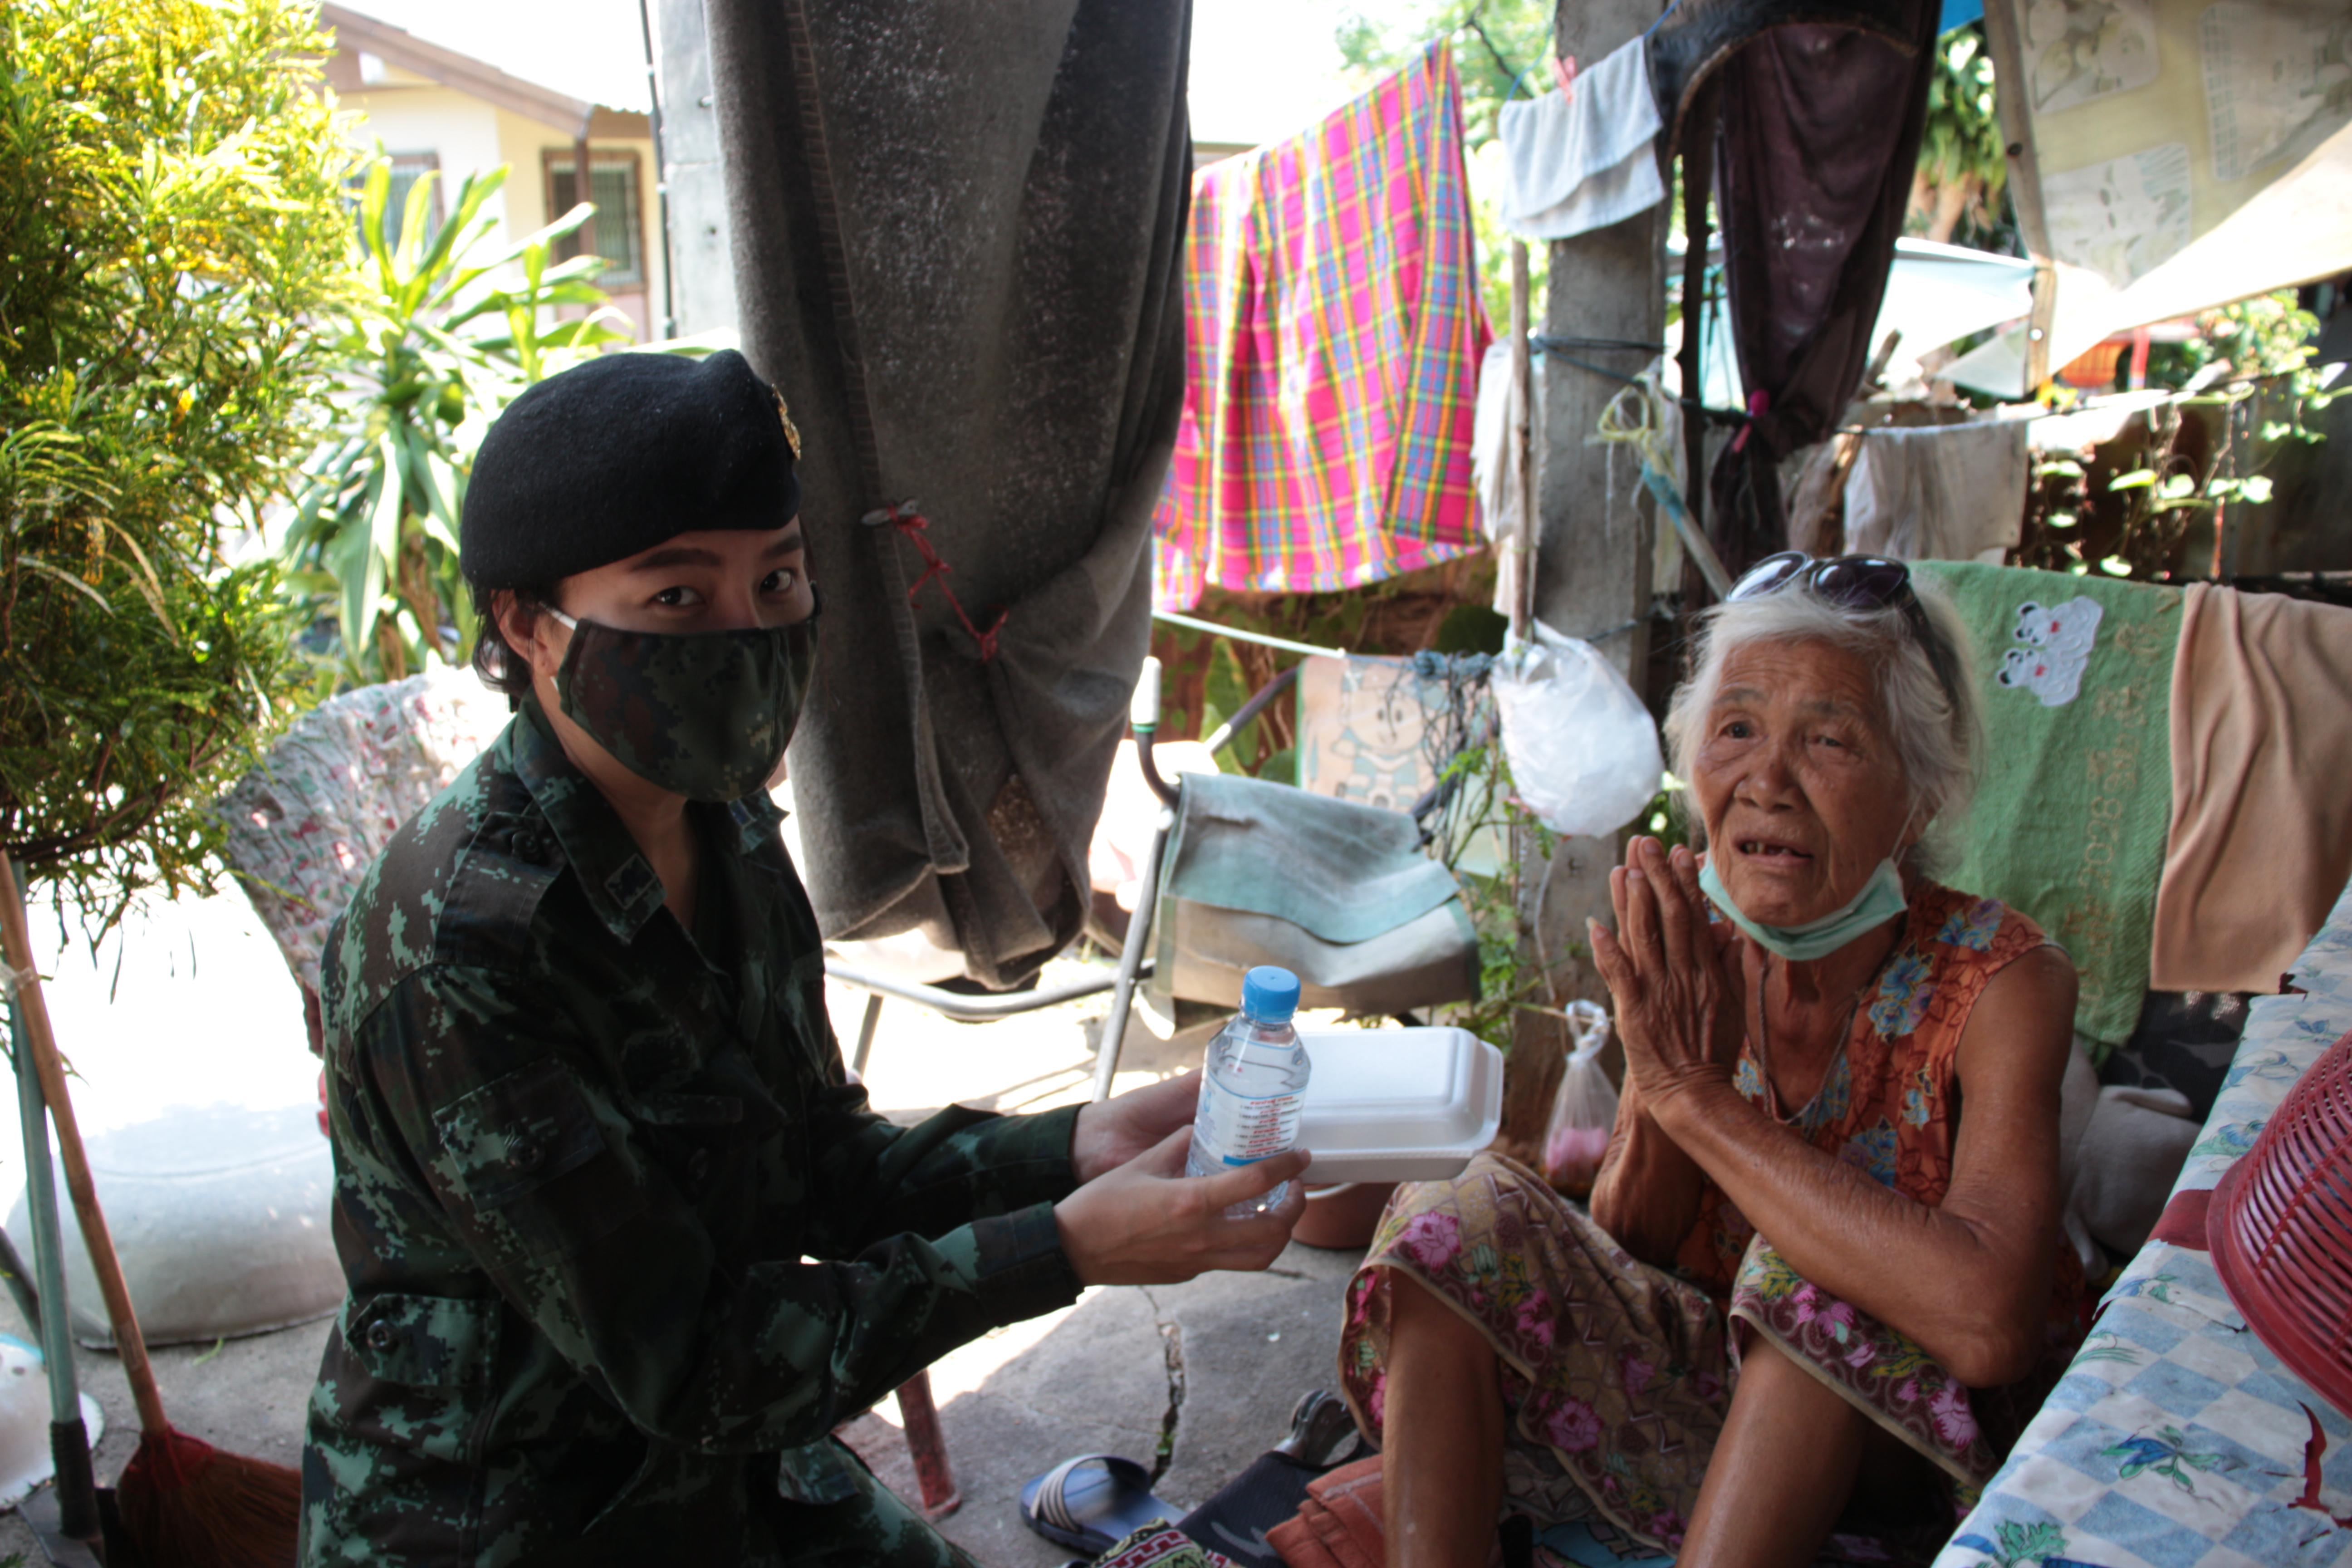 ทหารเป็นที่พึ่งของประชาชนจัดกิจกรรมแจกจ่ายอาหารกลางวันส่งถึงบ้าน